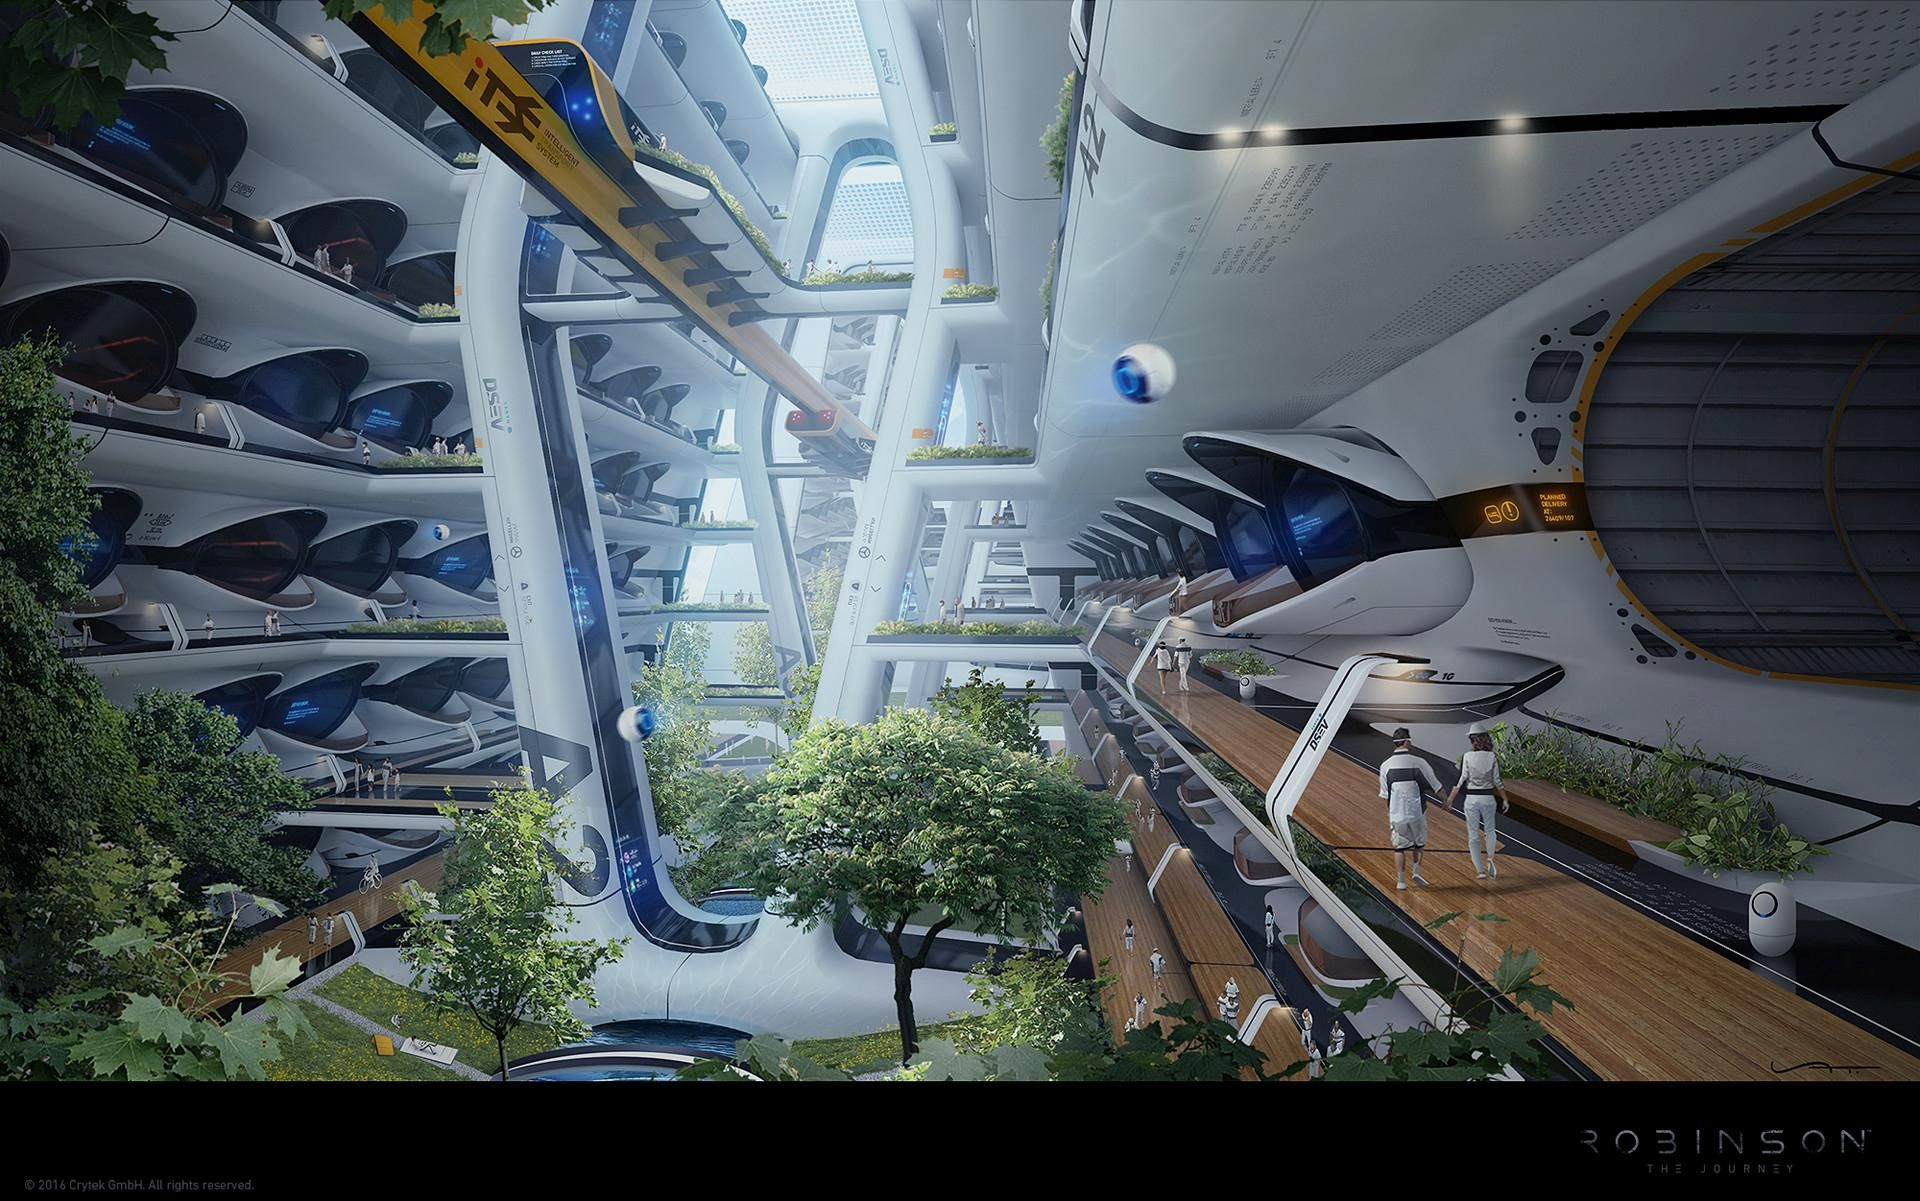 Futuristic Spaceship Concept Art